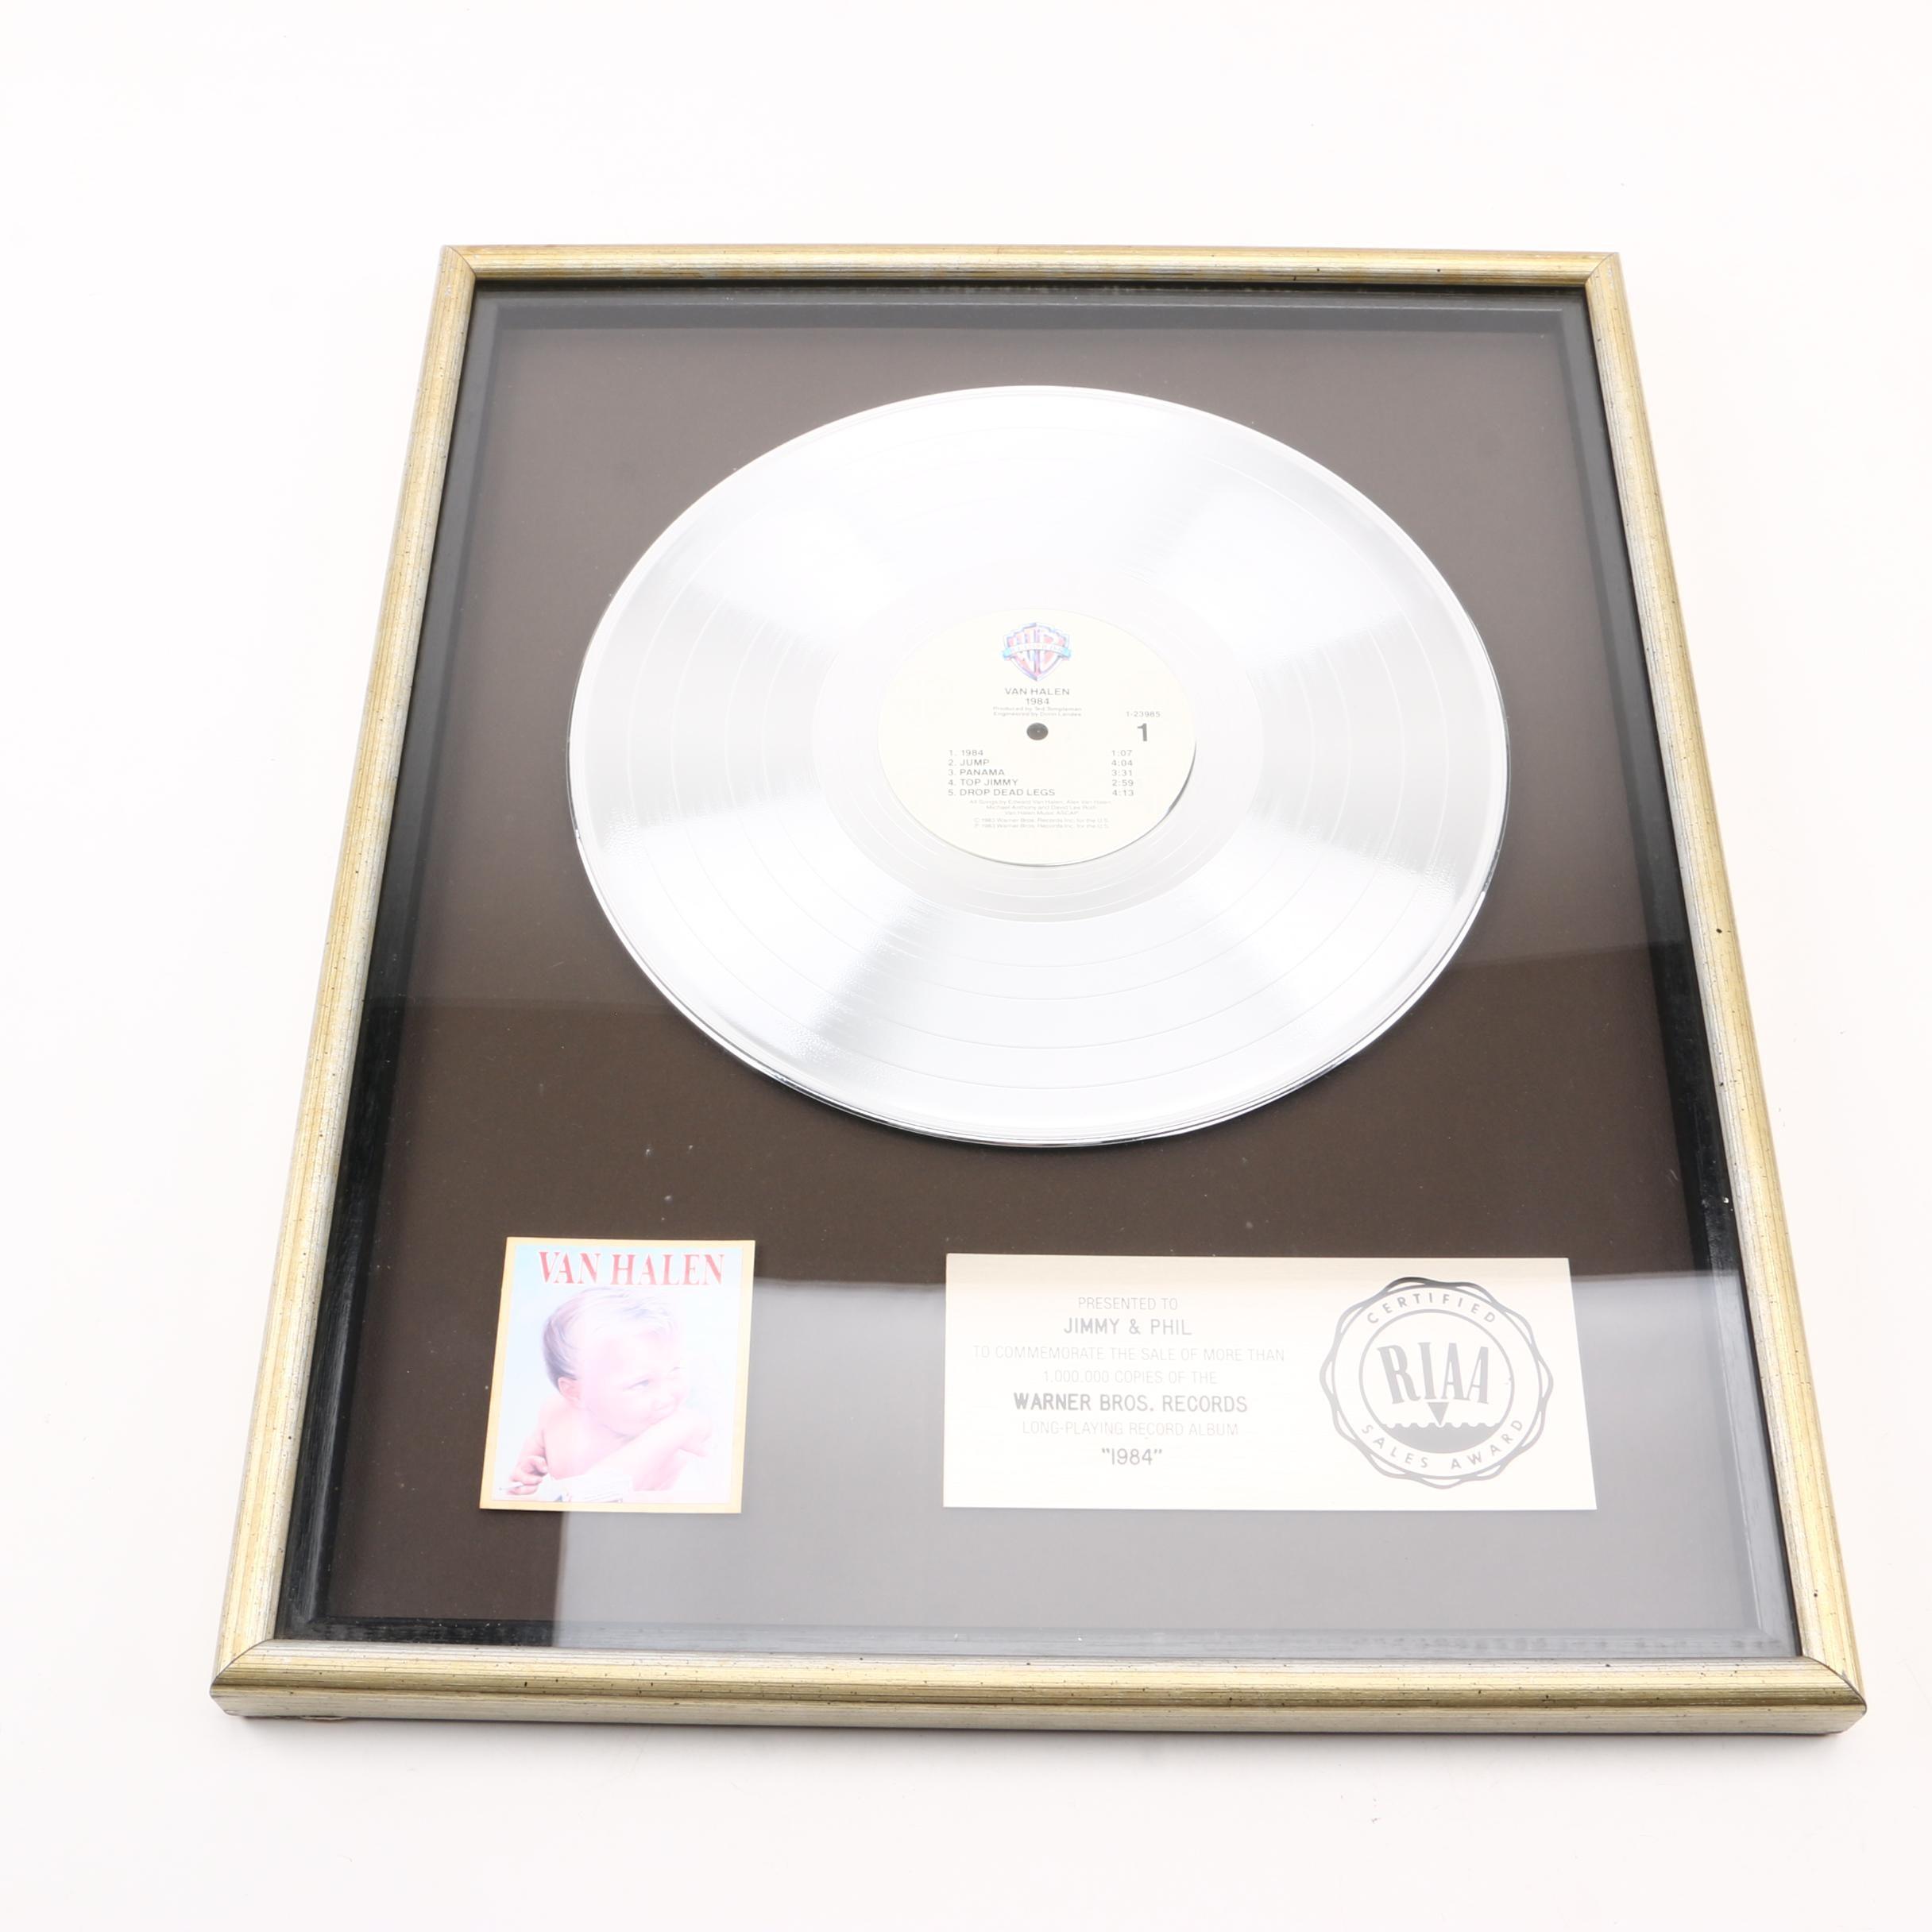 """RIAA Platinum Sales Award for Van Halen's """"1984"""""""